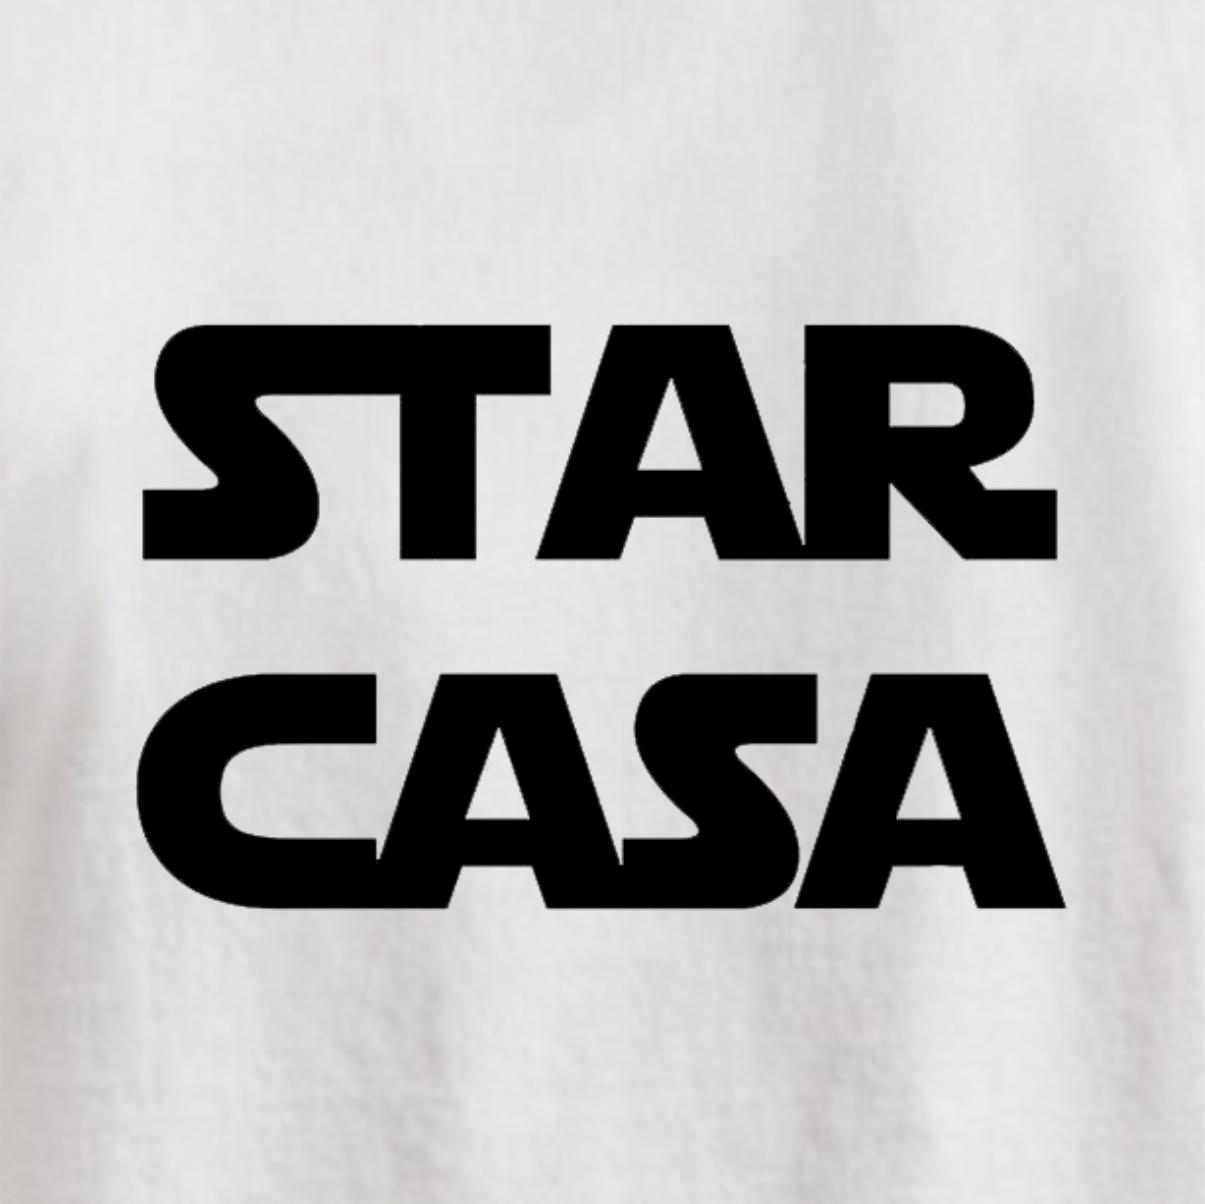 STAR CASA